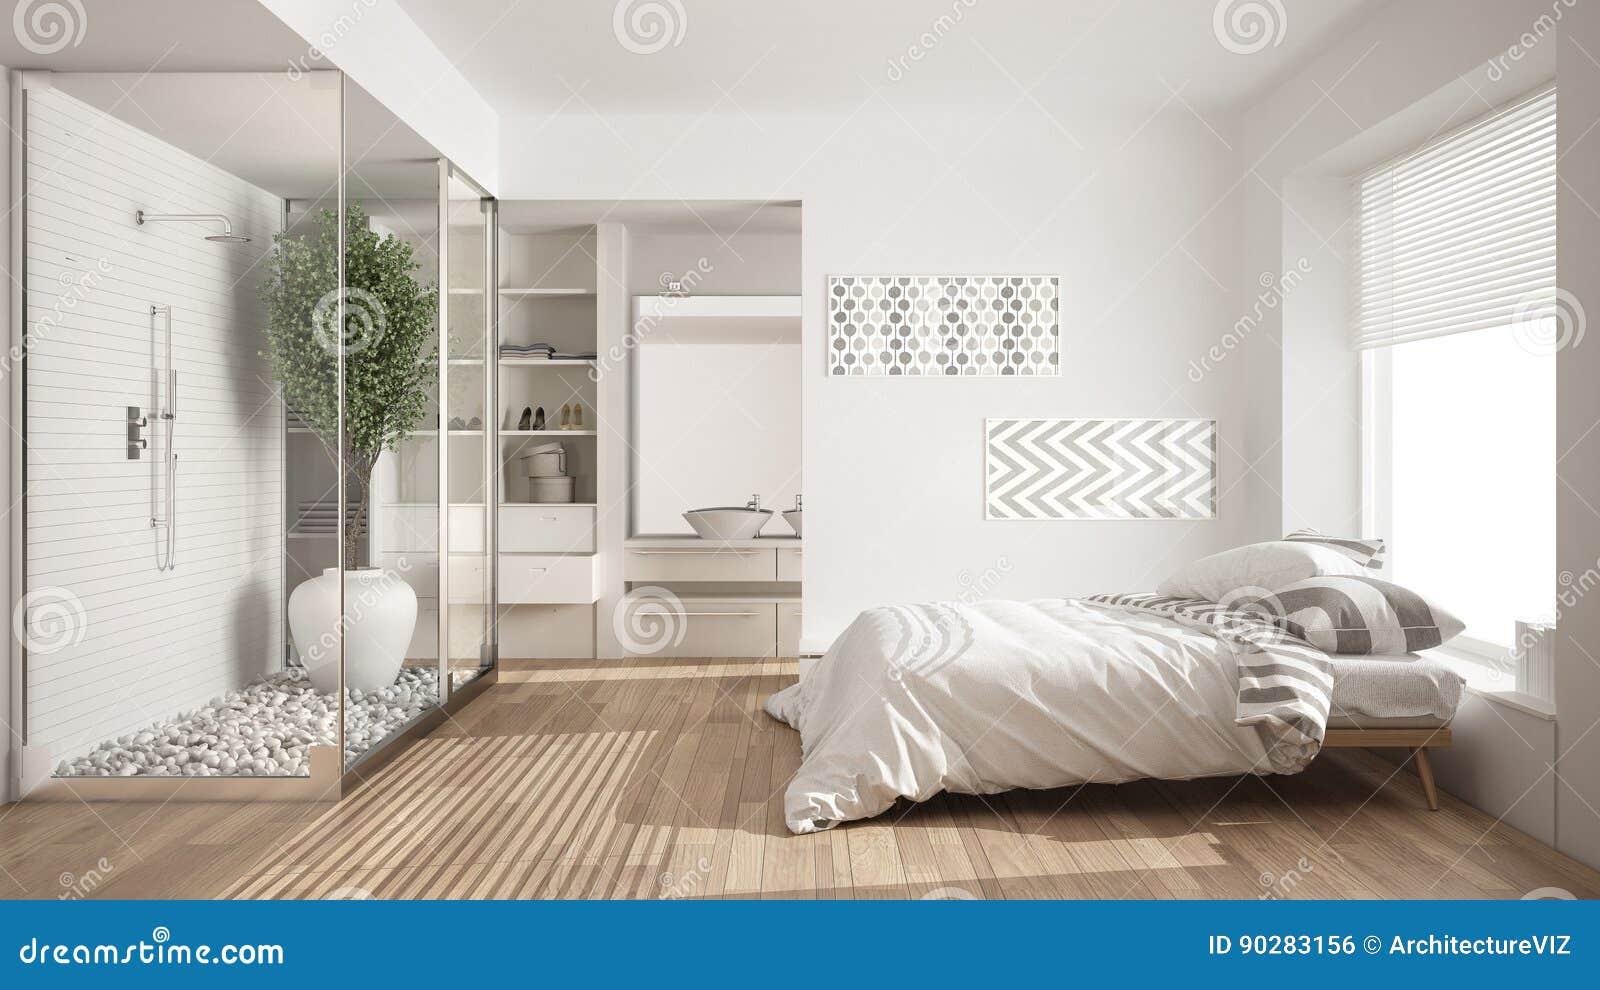 Minimalistyczna Sypialnia I łazienka Z Prysznic I W Szafie